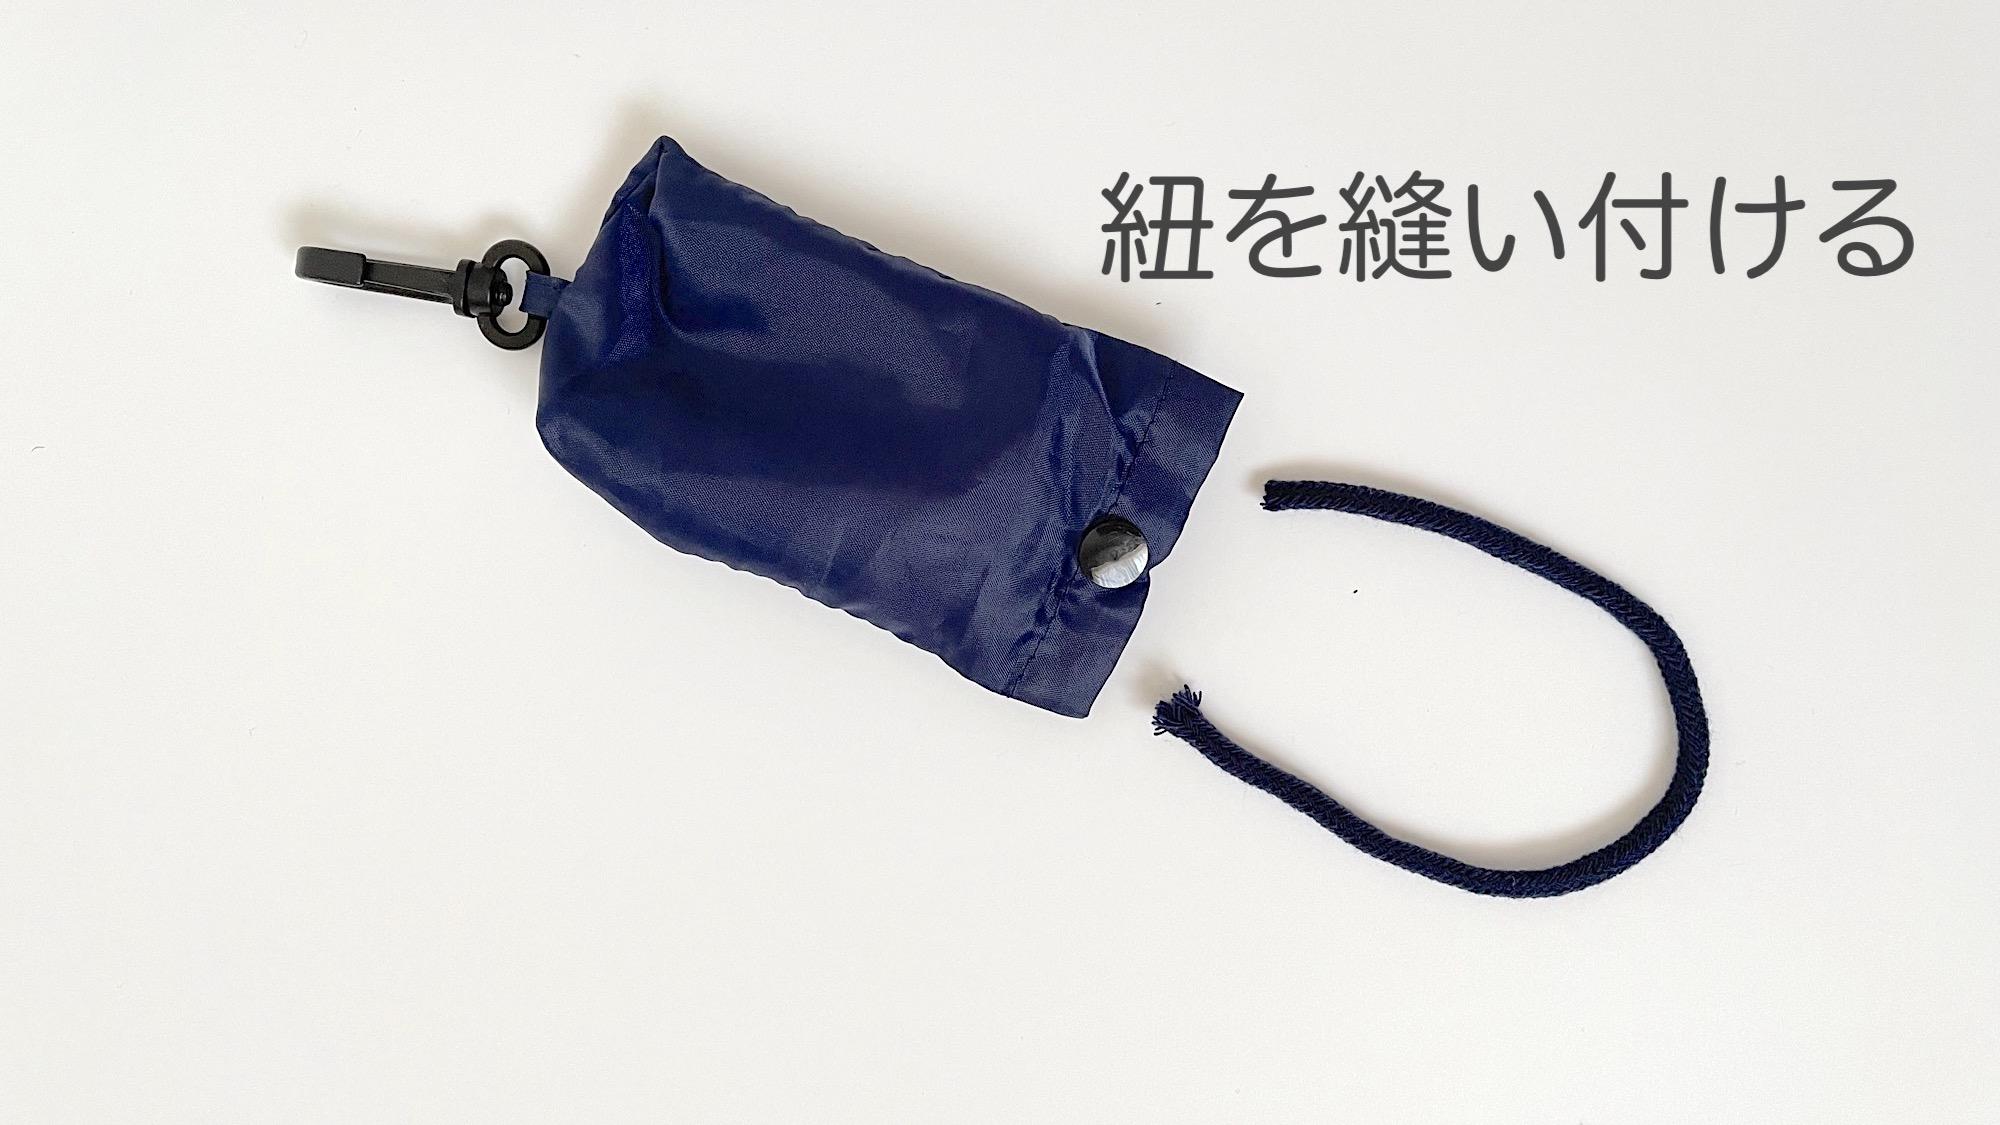 エコバッグの外袋に紐を縫い付けるーエコバッグをたためない!イライラを解消するアレンジ方法